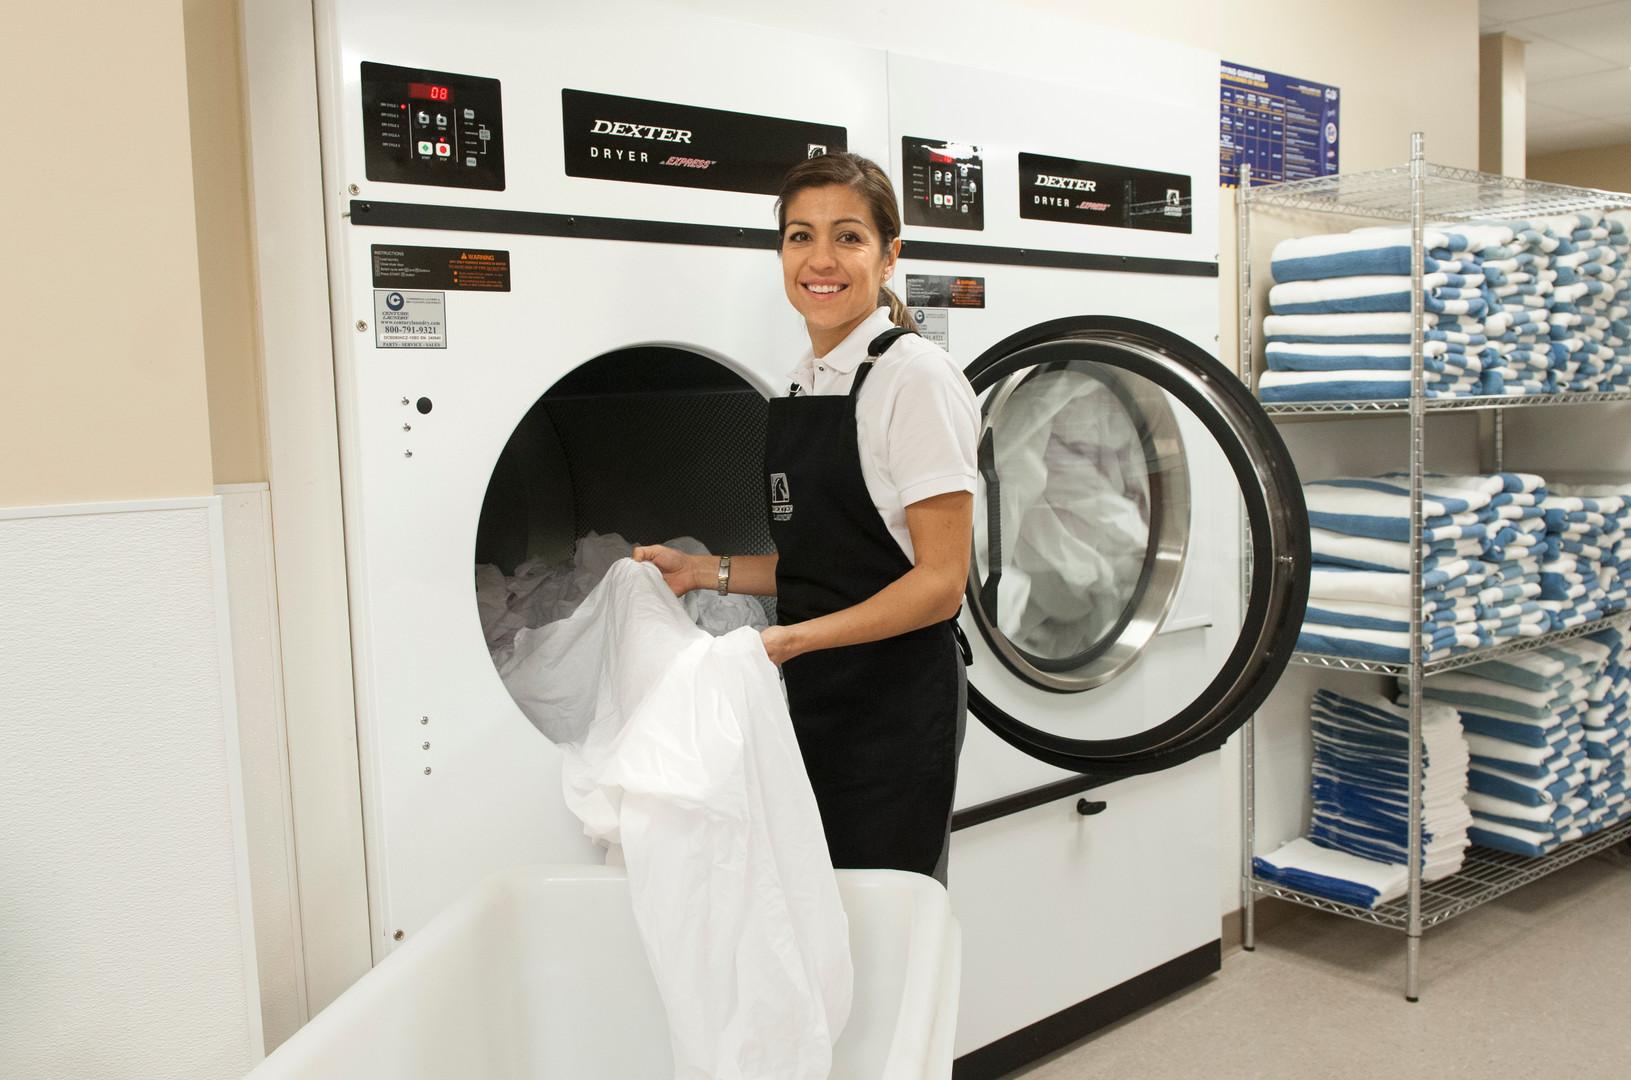 Dryer Secadora Dexter